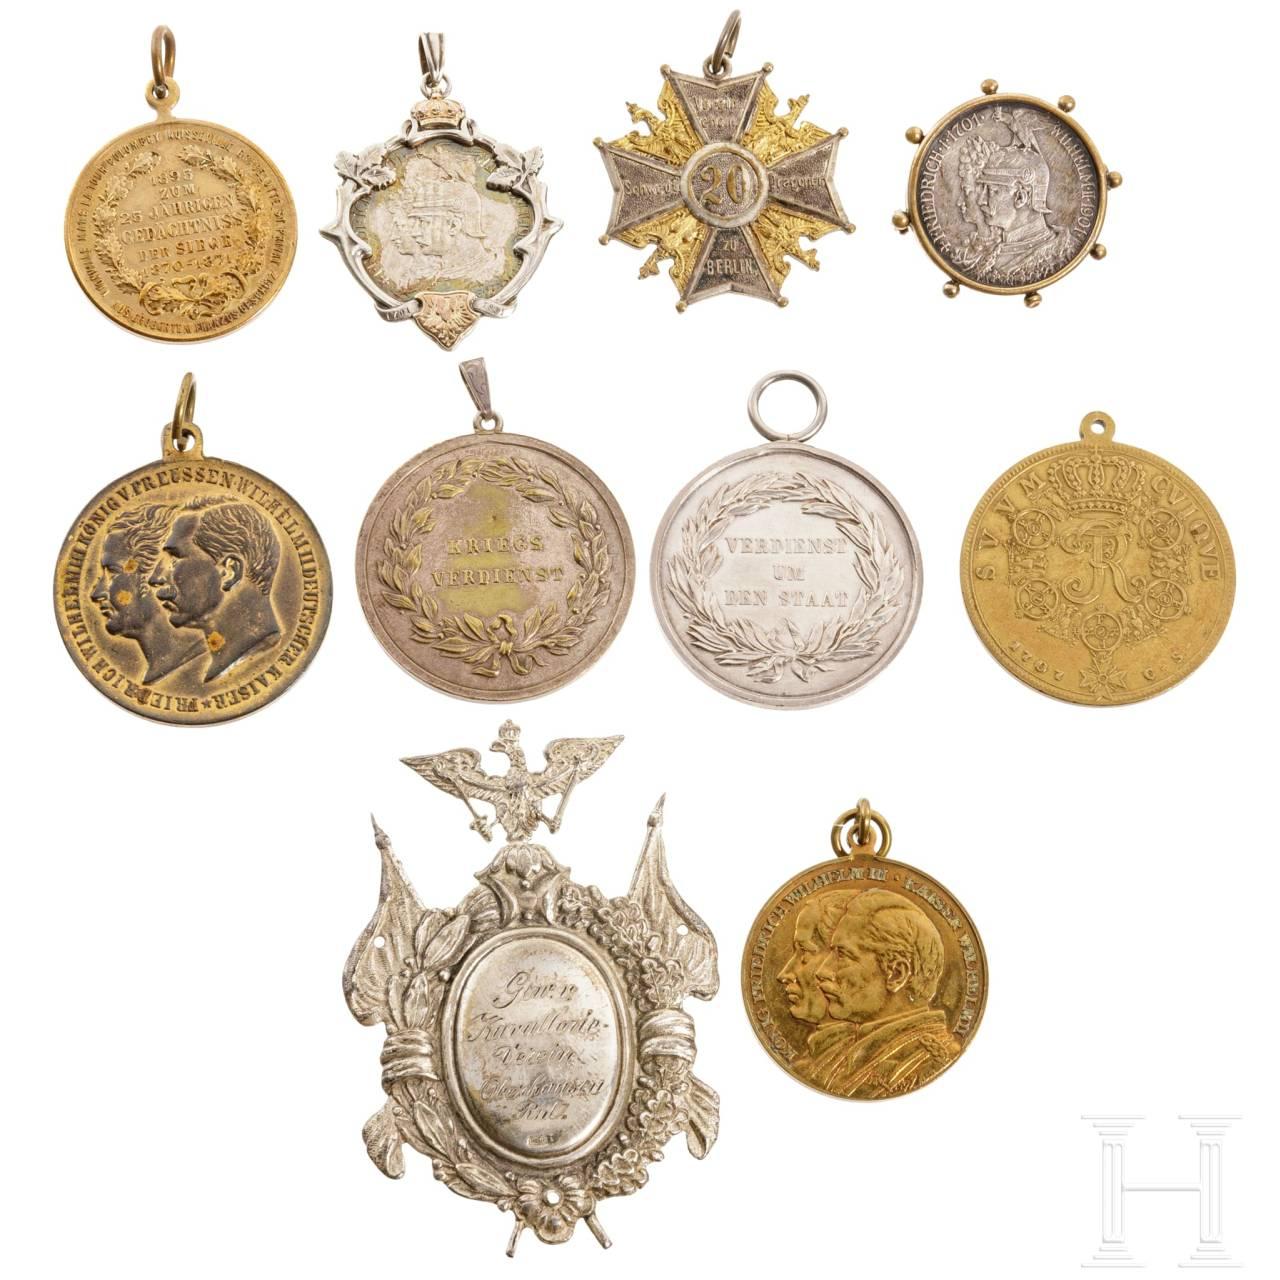 Zehn Auszeichnungen, Preußen, 1707 - 1918